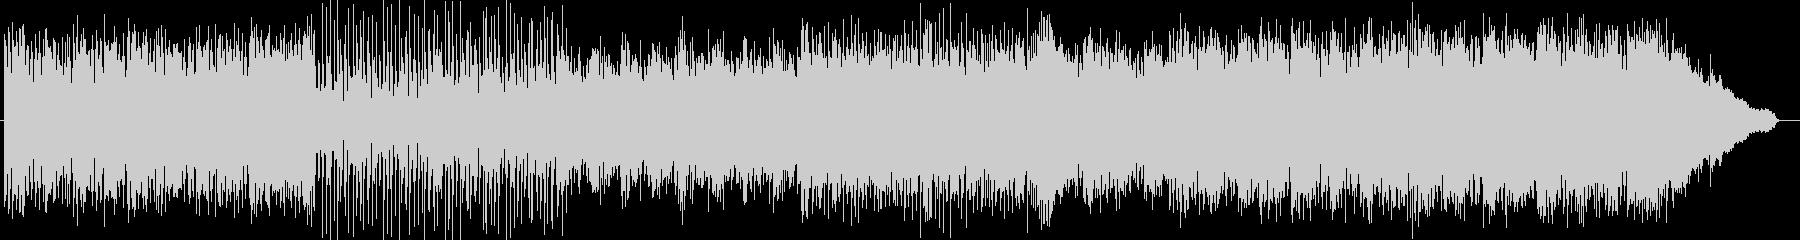 シンセサイザーによるさわやかなインストの未再生の波形